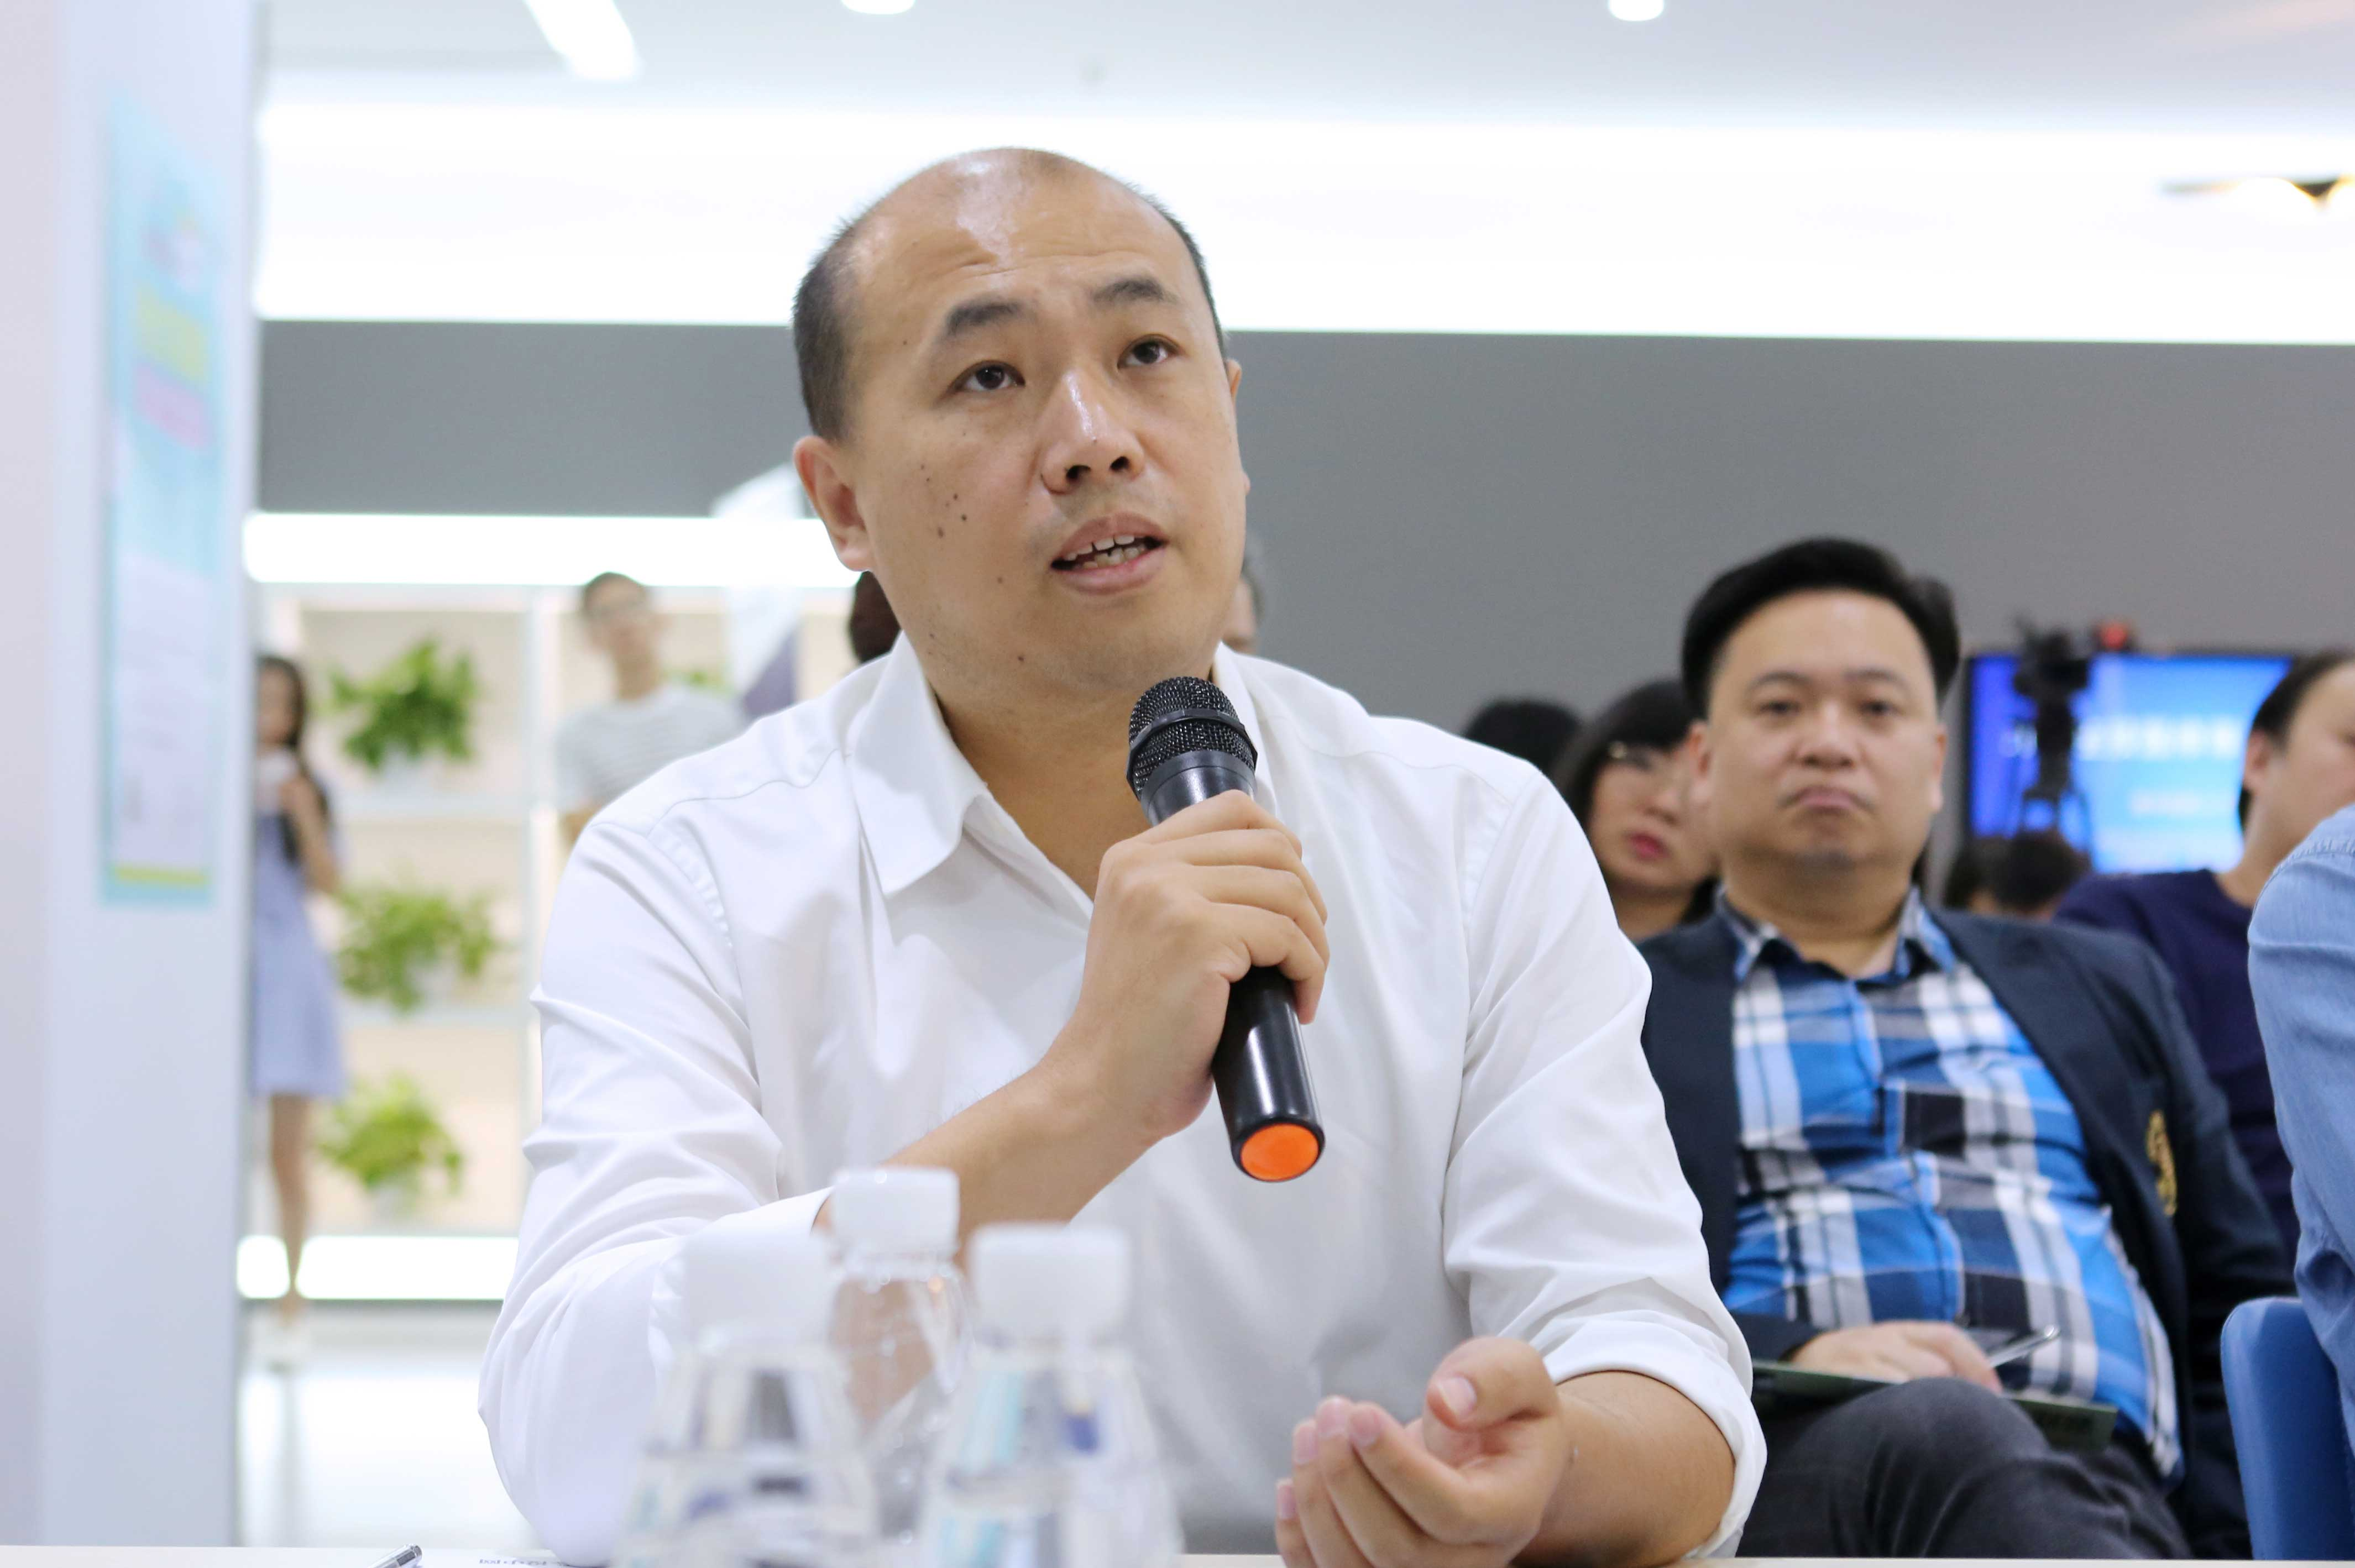 征和惠通投资副总裁陈陆:医疗健康赛道,价值投资才会有高回报